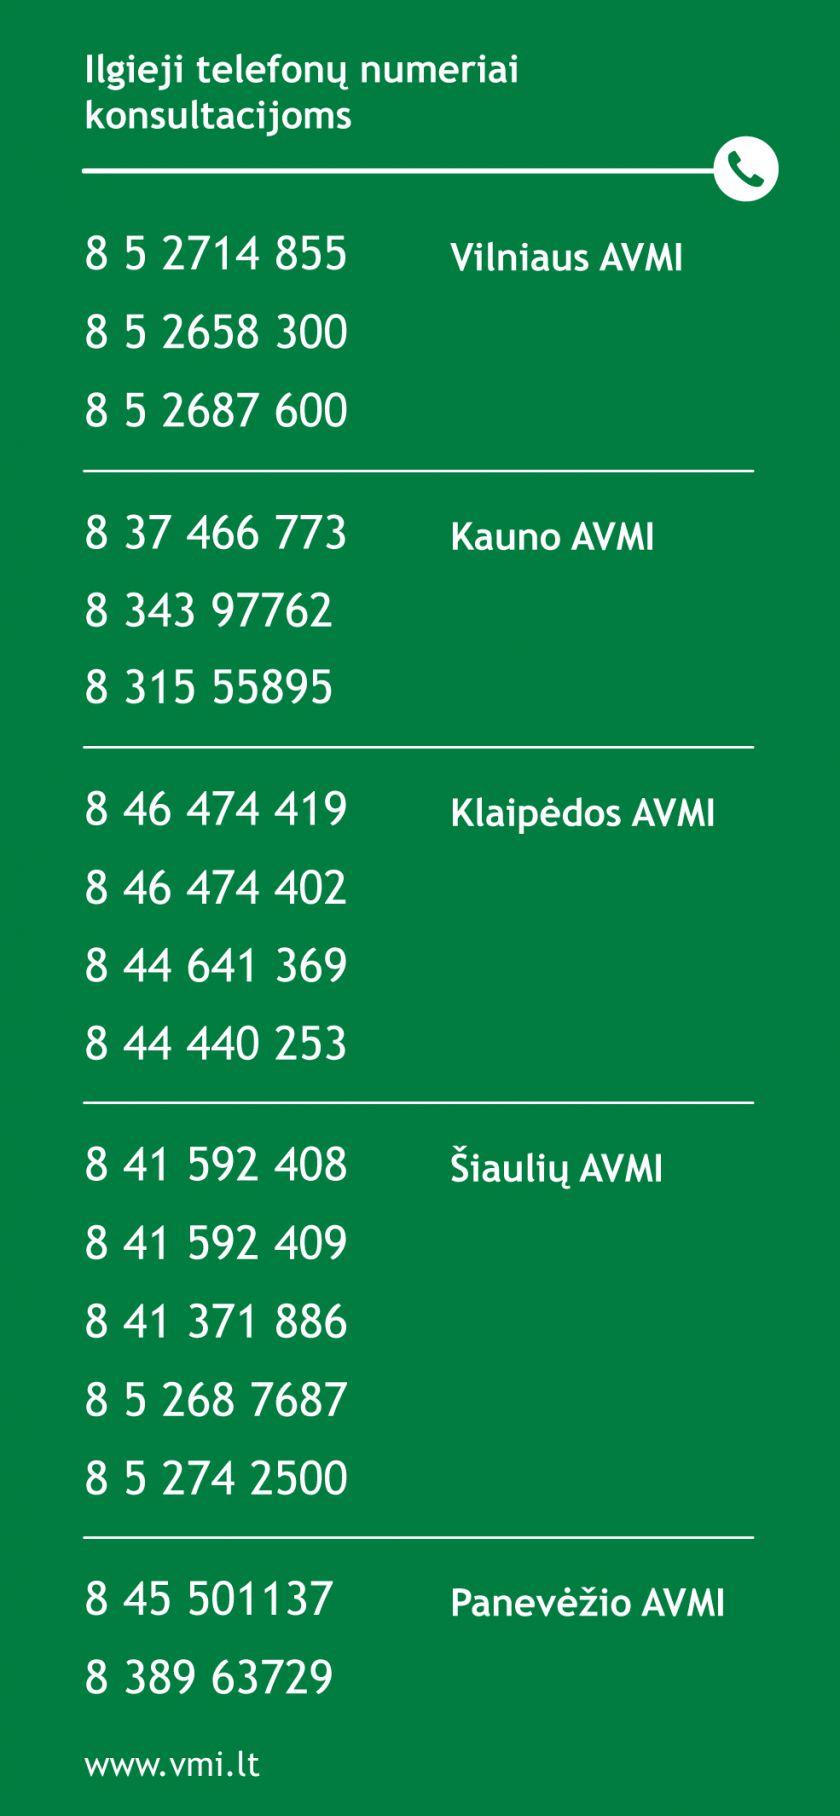 Į pagalbą deklaruojantiems – daugiau konsultantų telefonu – skelbiami papildomi tel. sąrašai